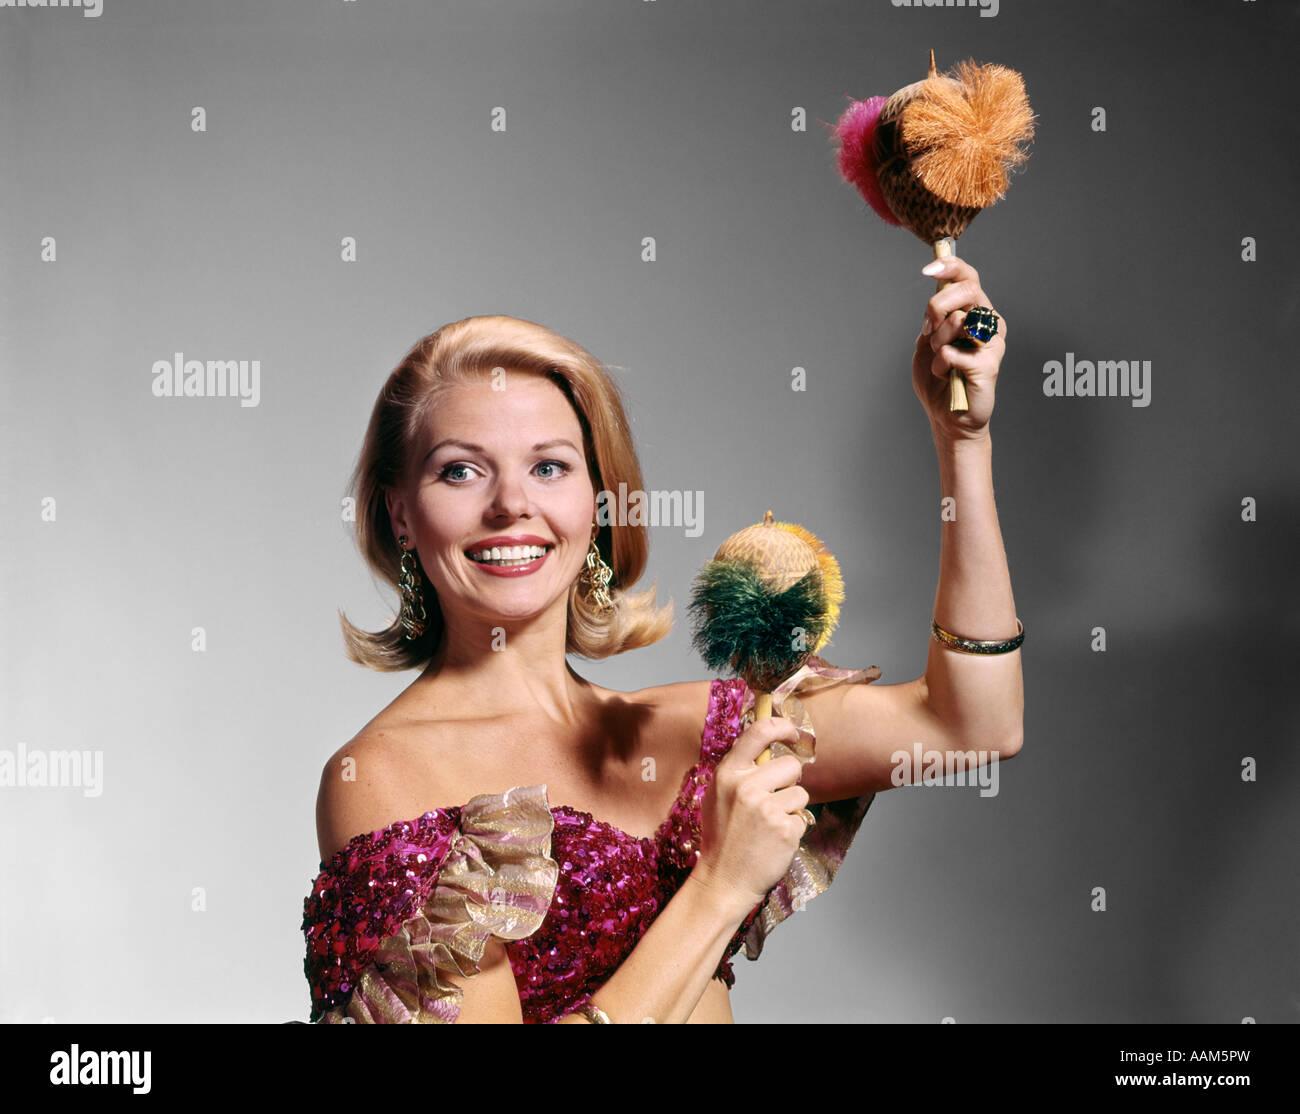 Années 1960 Années 1970 Femme blonde RUFFLED HALTER TOP SMILING MUSIC AMÉRIQUE SECOUER les maracas Photo Stock